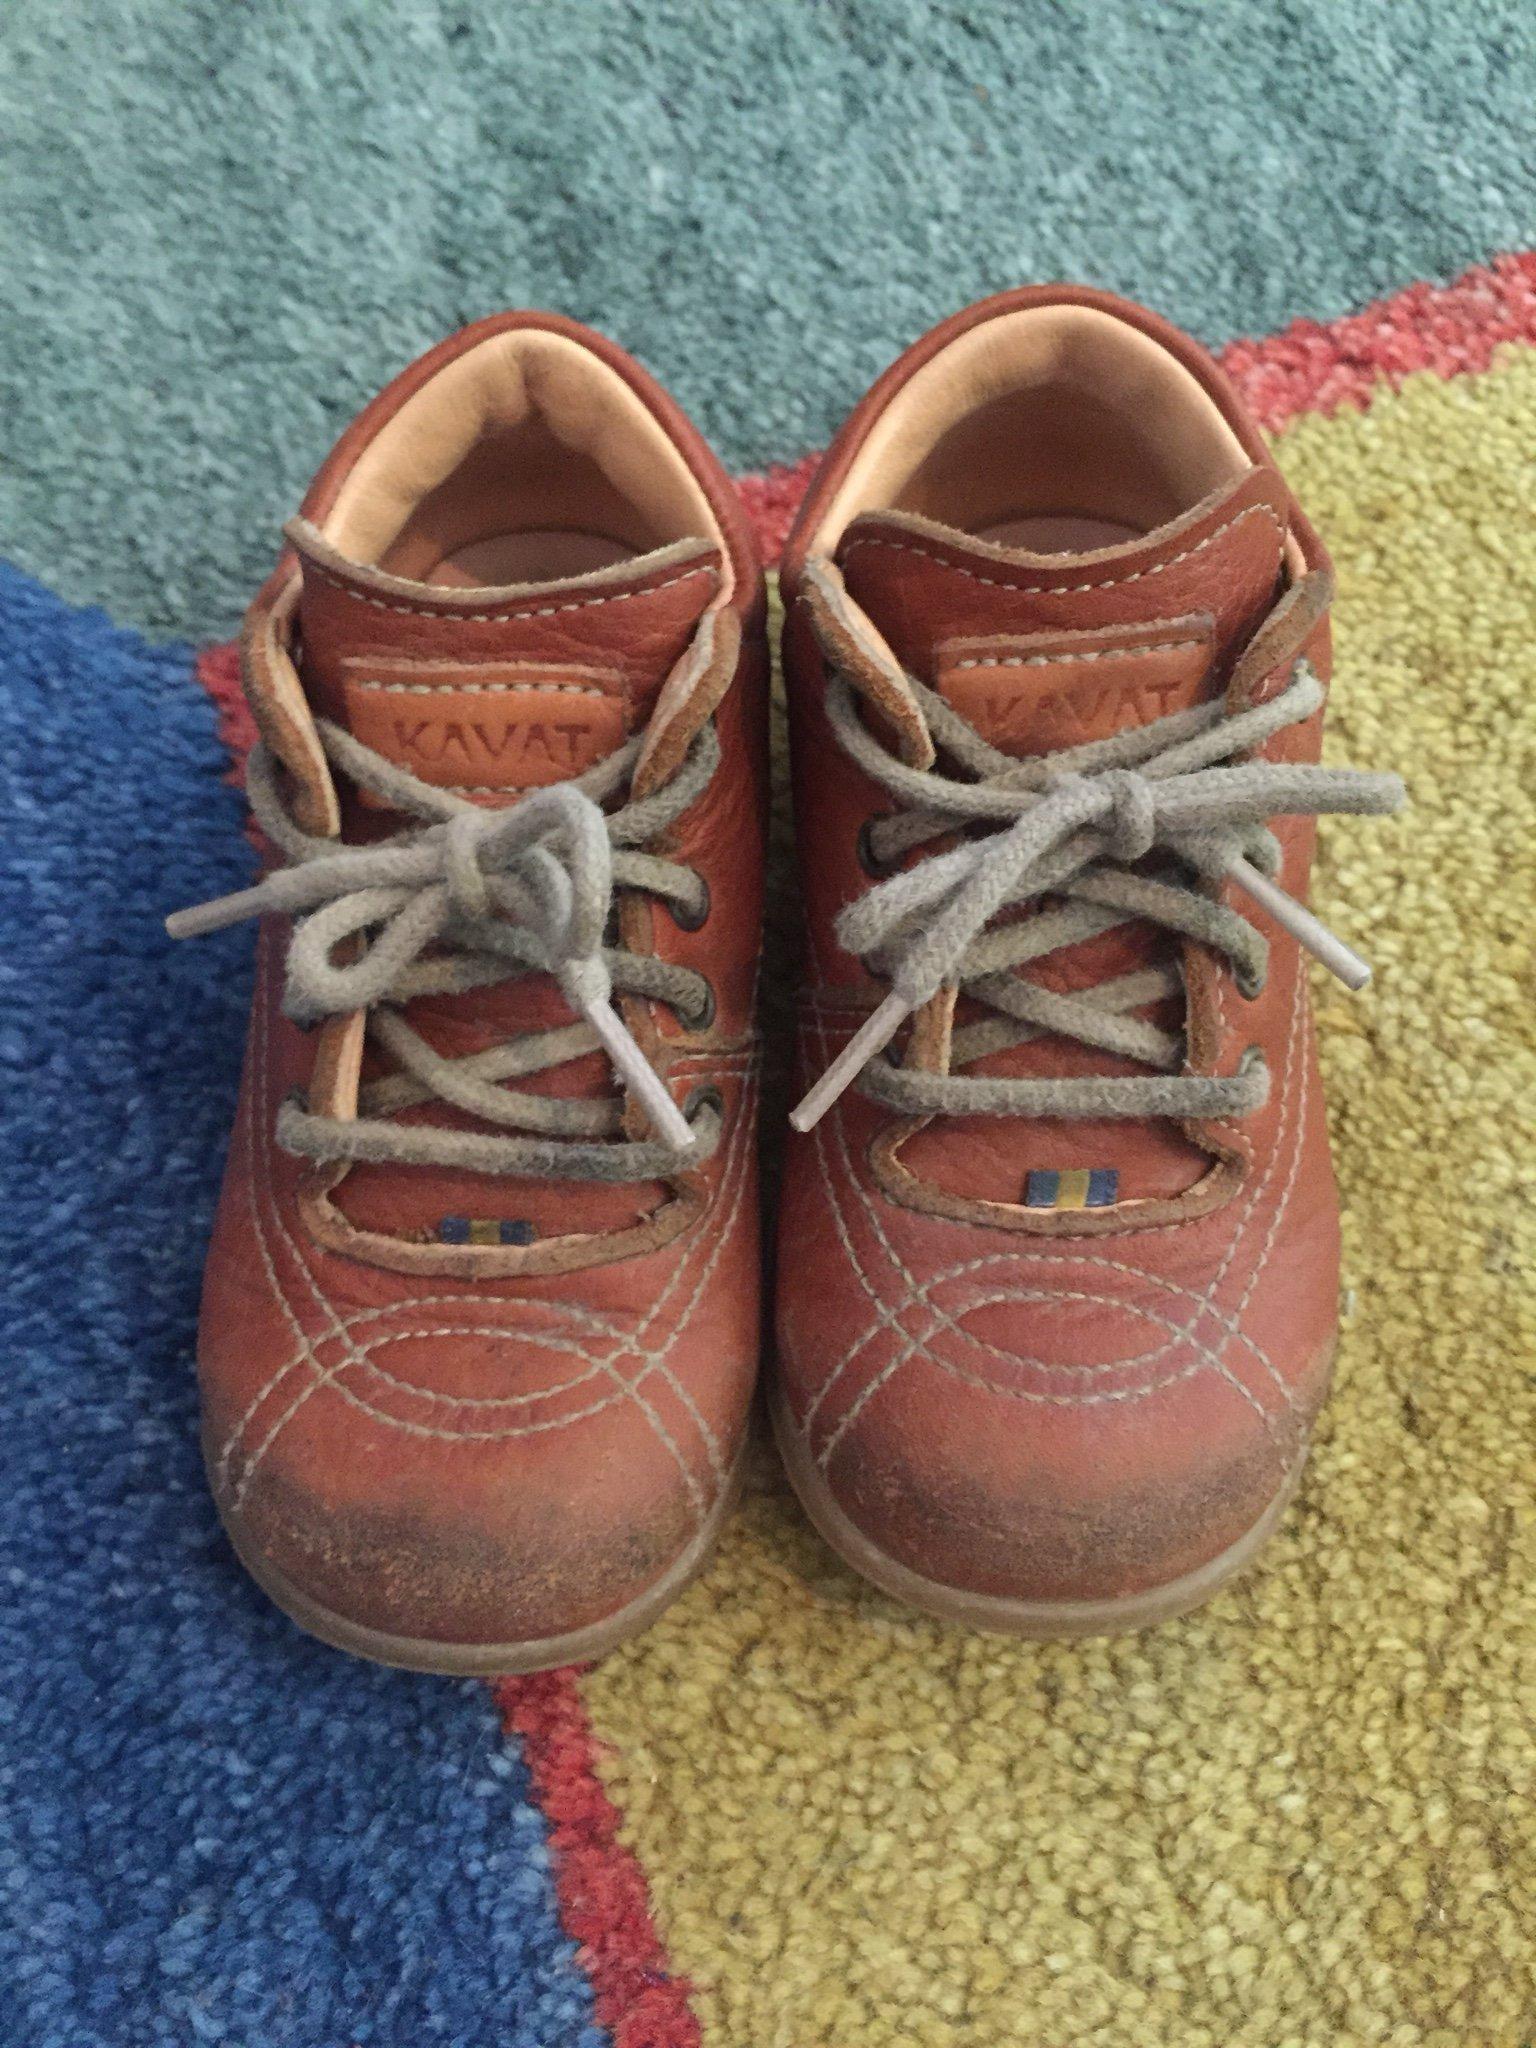 kavat skor pojke